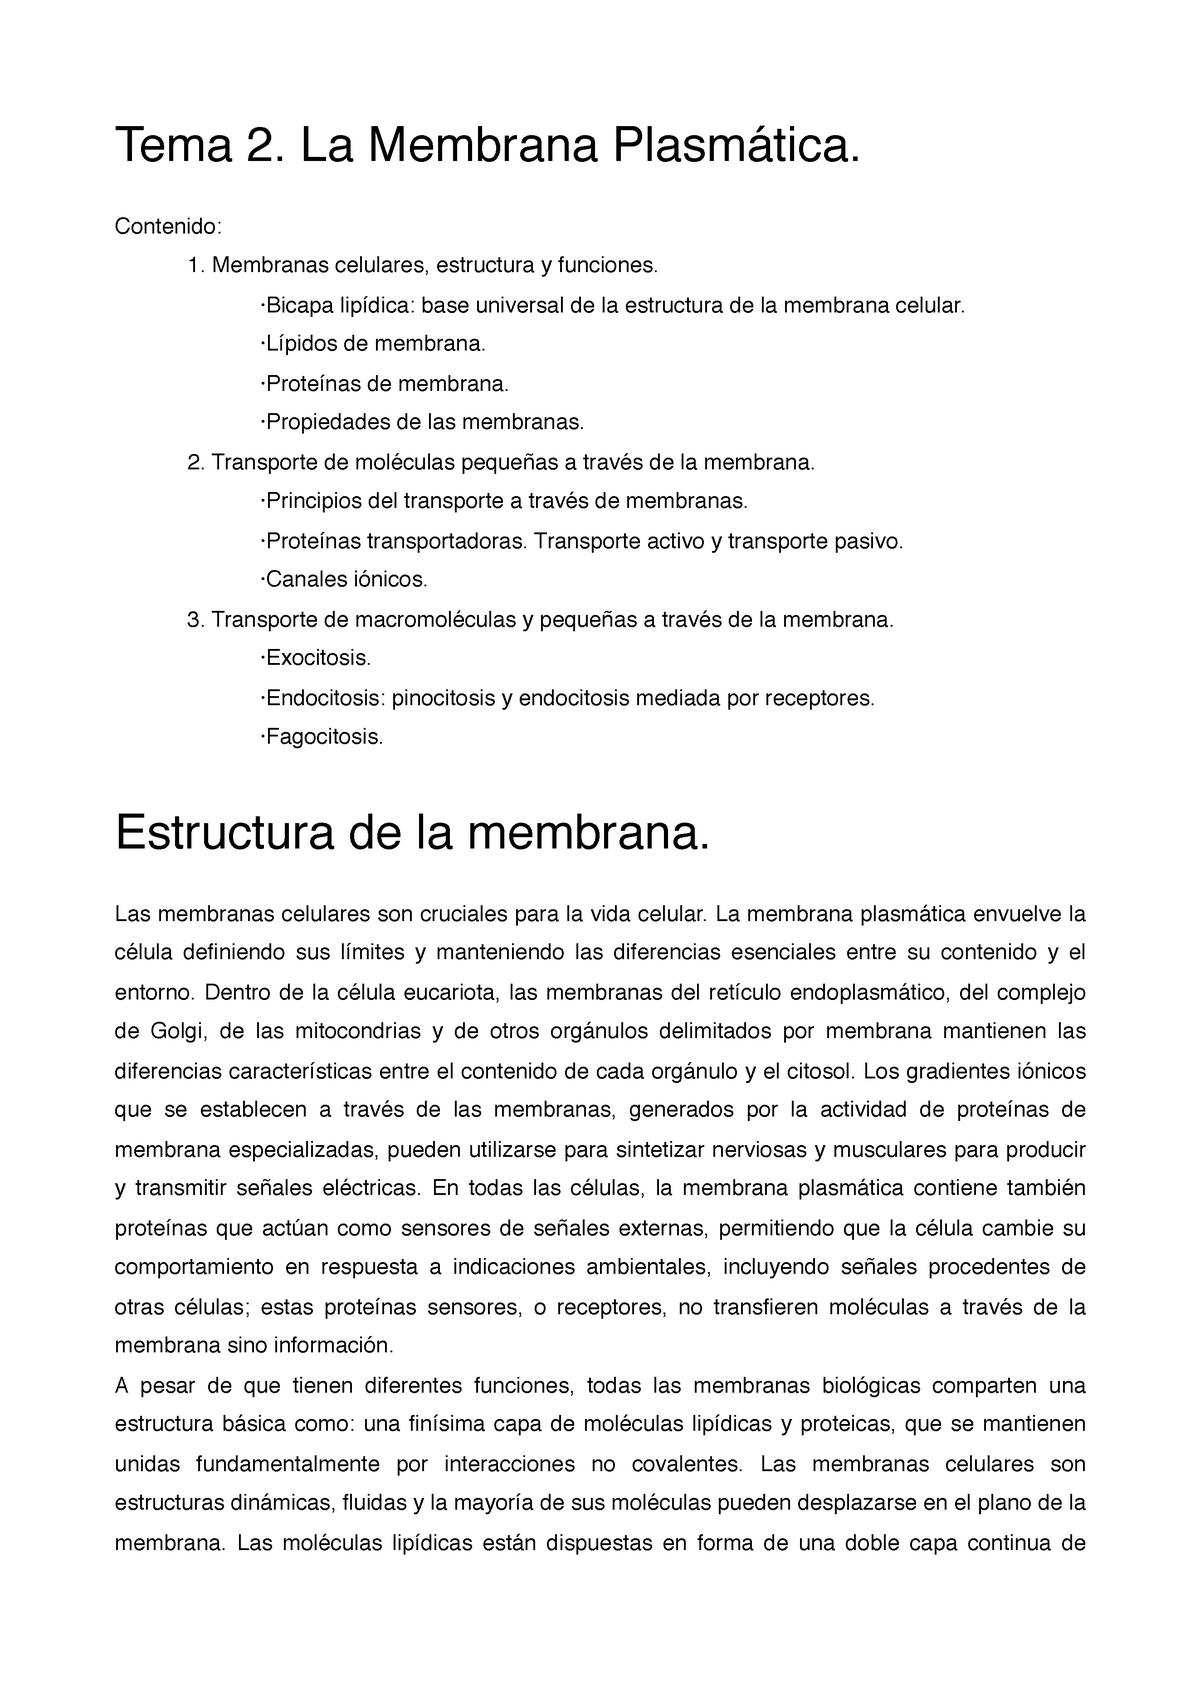 Tema 2 La Membrana Plasmática Citología E Histología